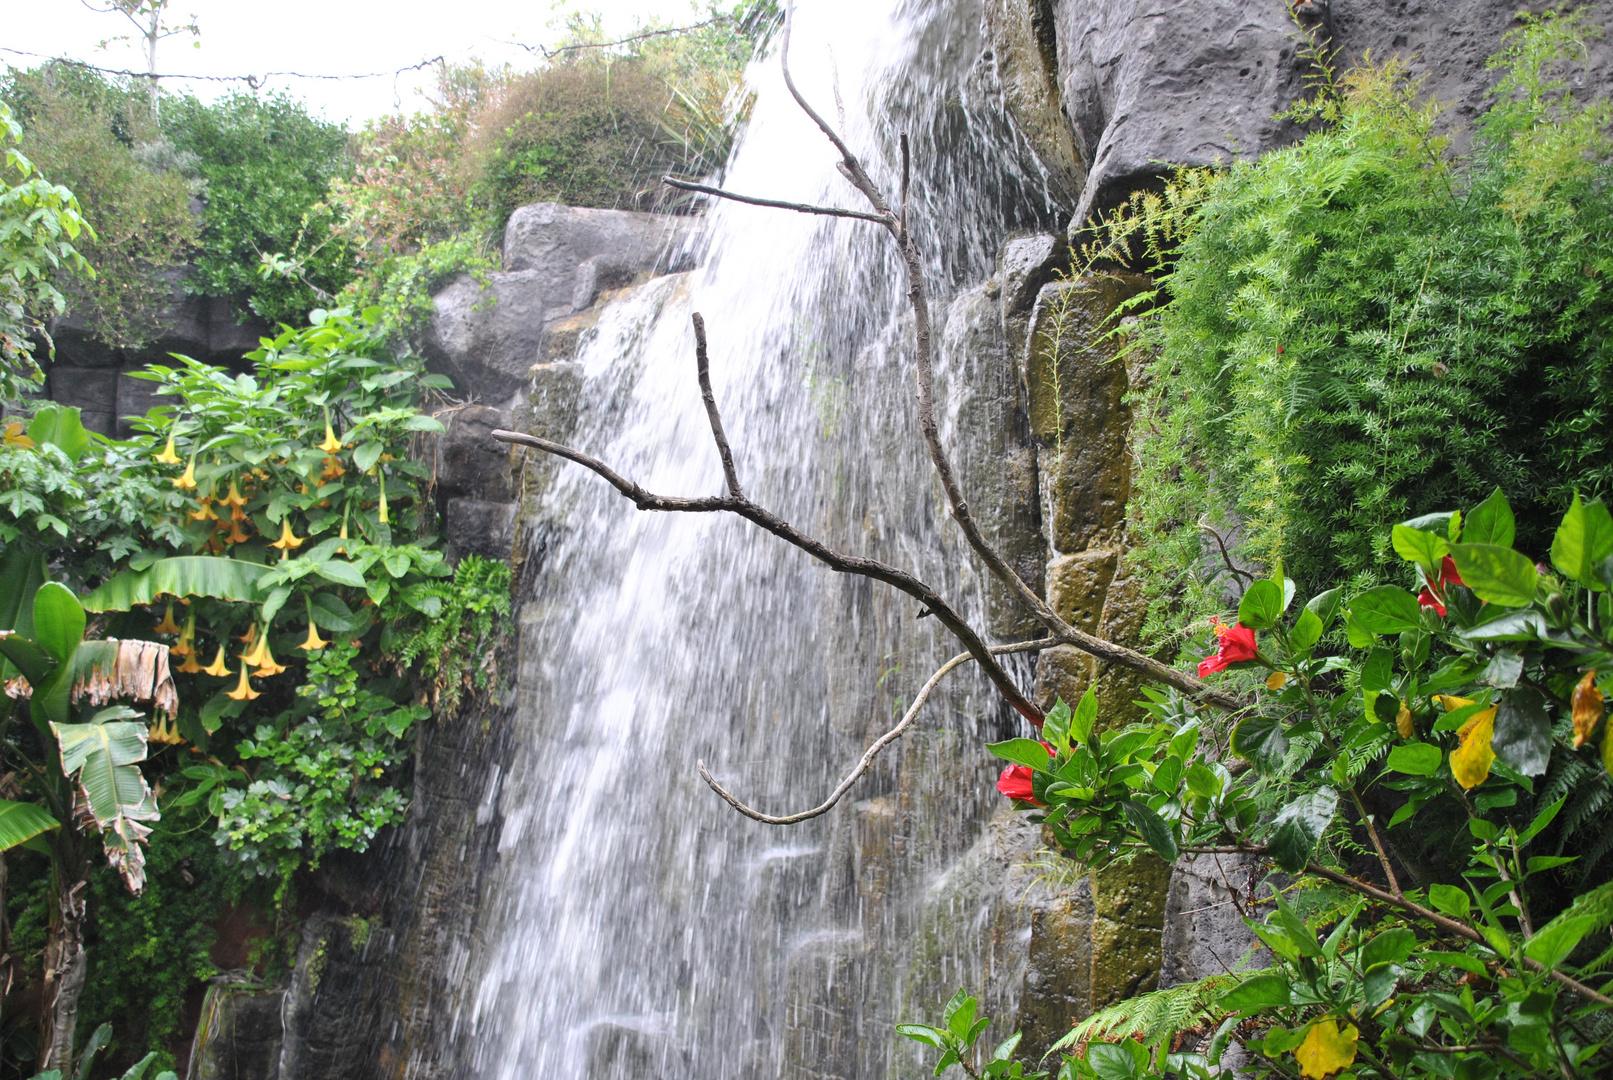 Dieser Wasserfall besticht durch seine besondere Schönheit und Vielfalt